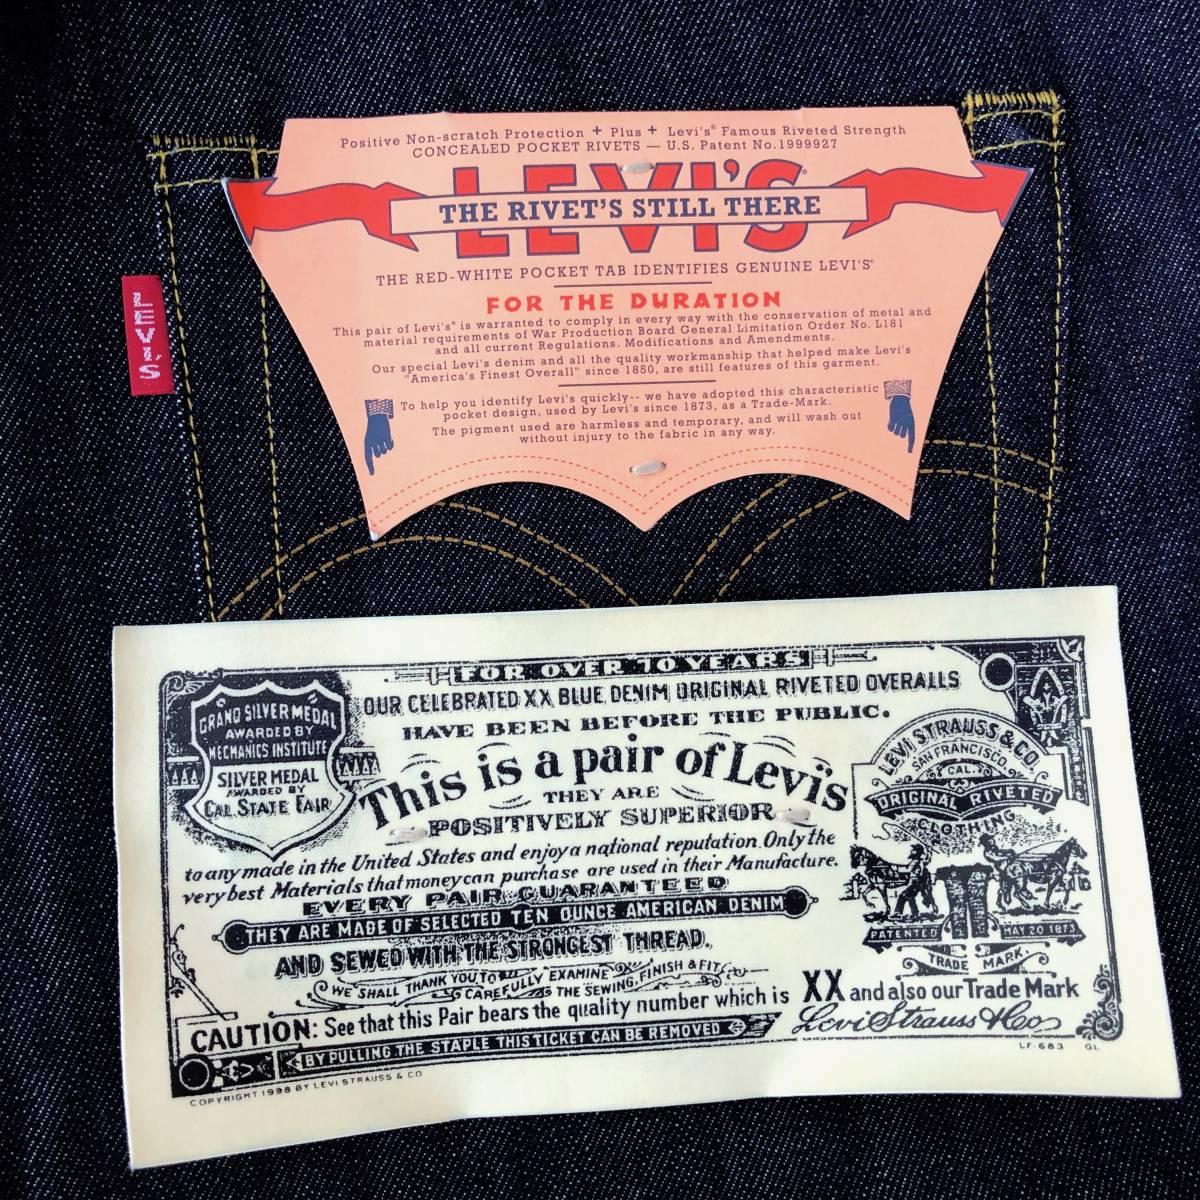 米国製1944年モデル 大戦 LEVI'S VINTAGE CLOTHING S501XX 44501-0068 W33 L34 リジッド 新品 アメリカUSA製 LVC 40s コーンミルズ デニム_画像3